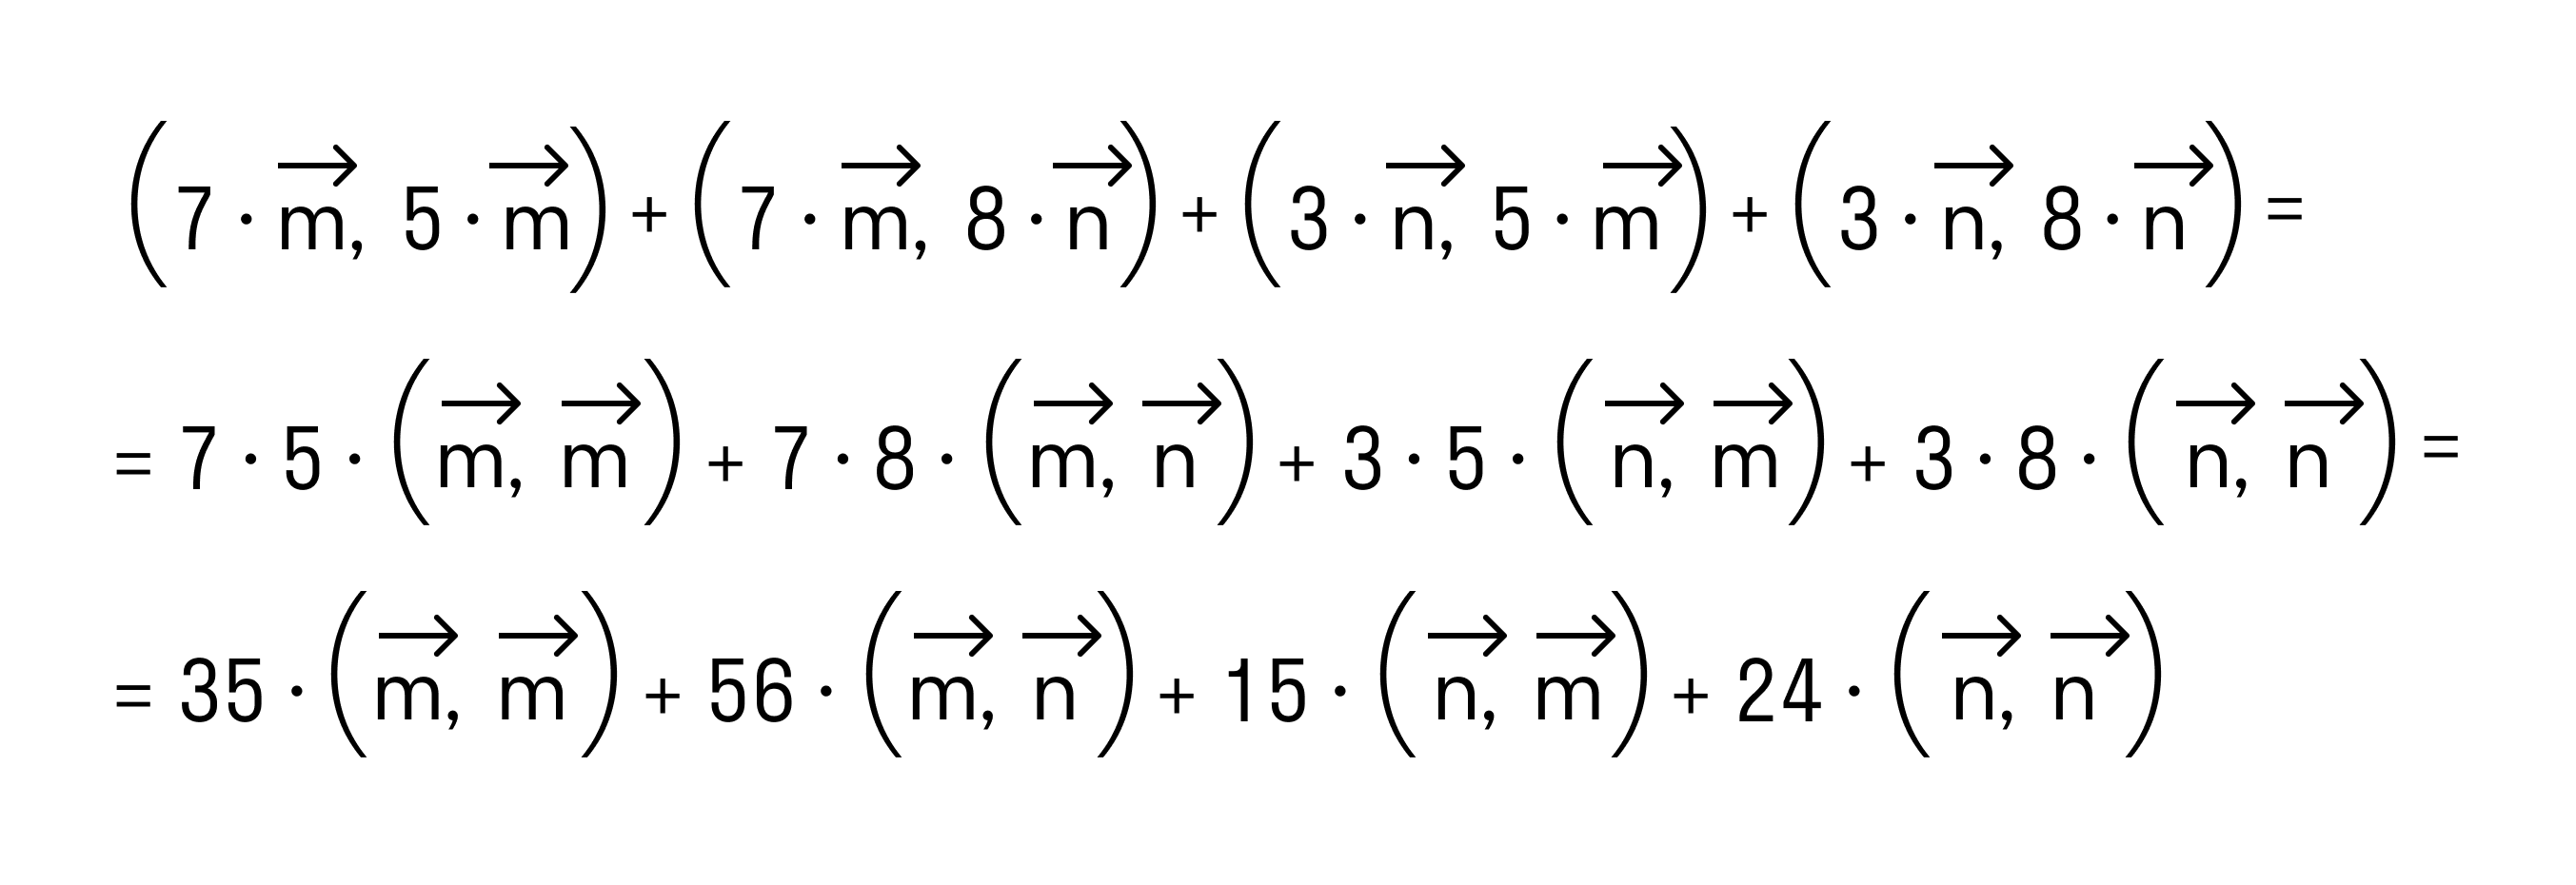 решение примера 3 рис 3